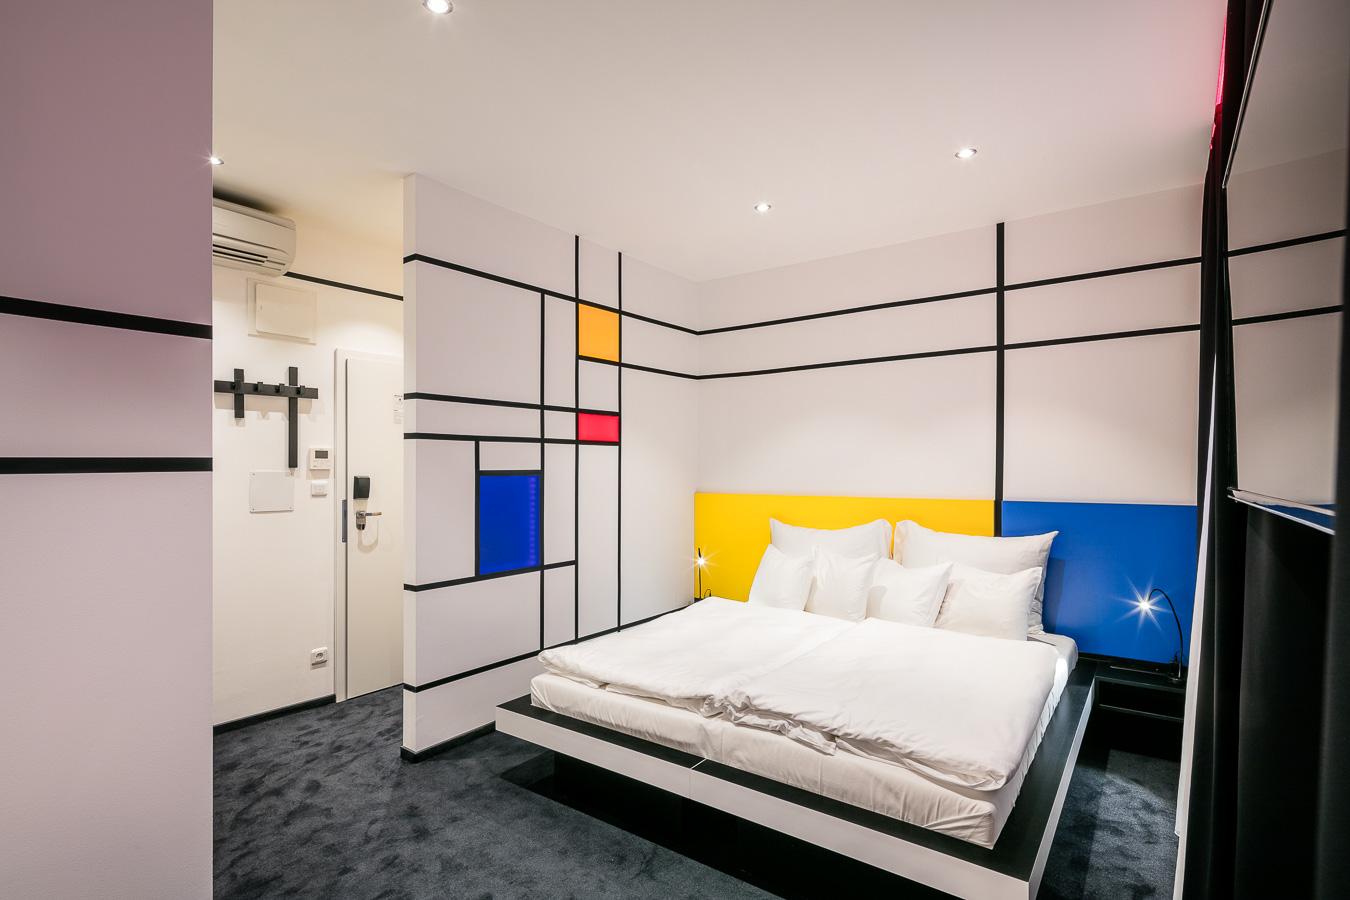 Pokoje libereckého hotelu jsou přehlídkou současného designu